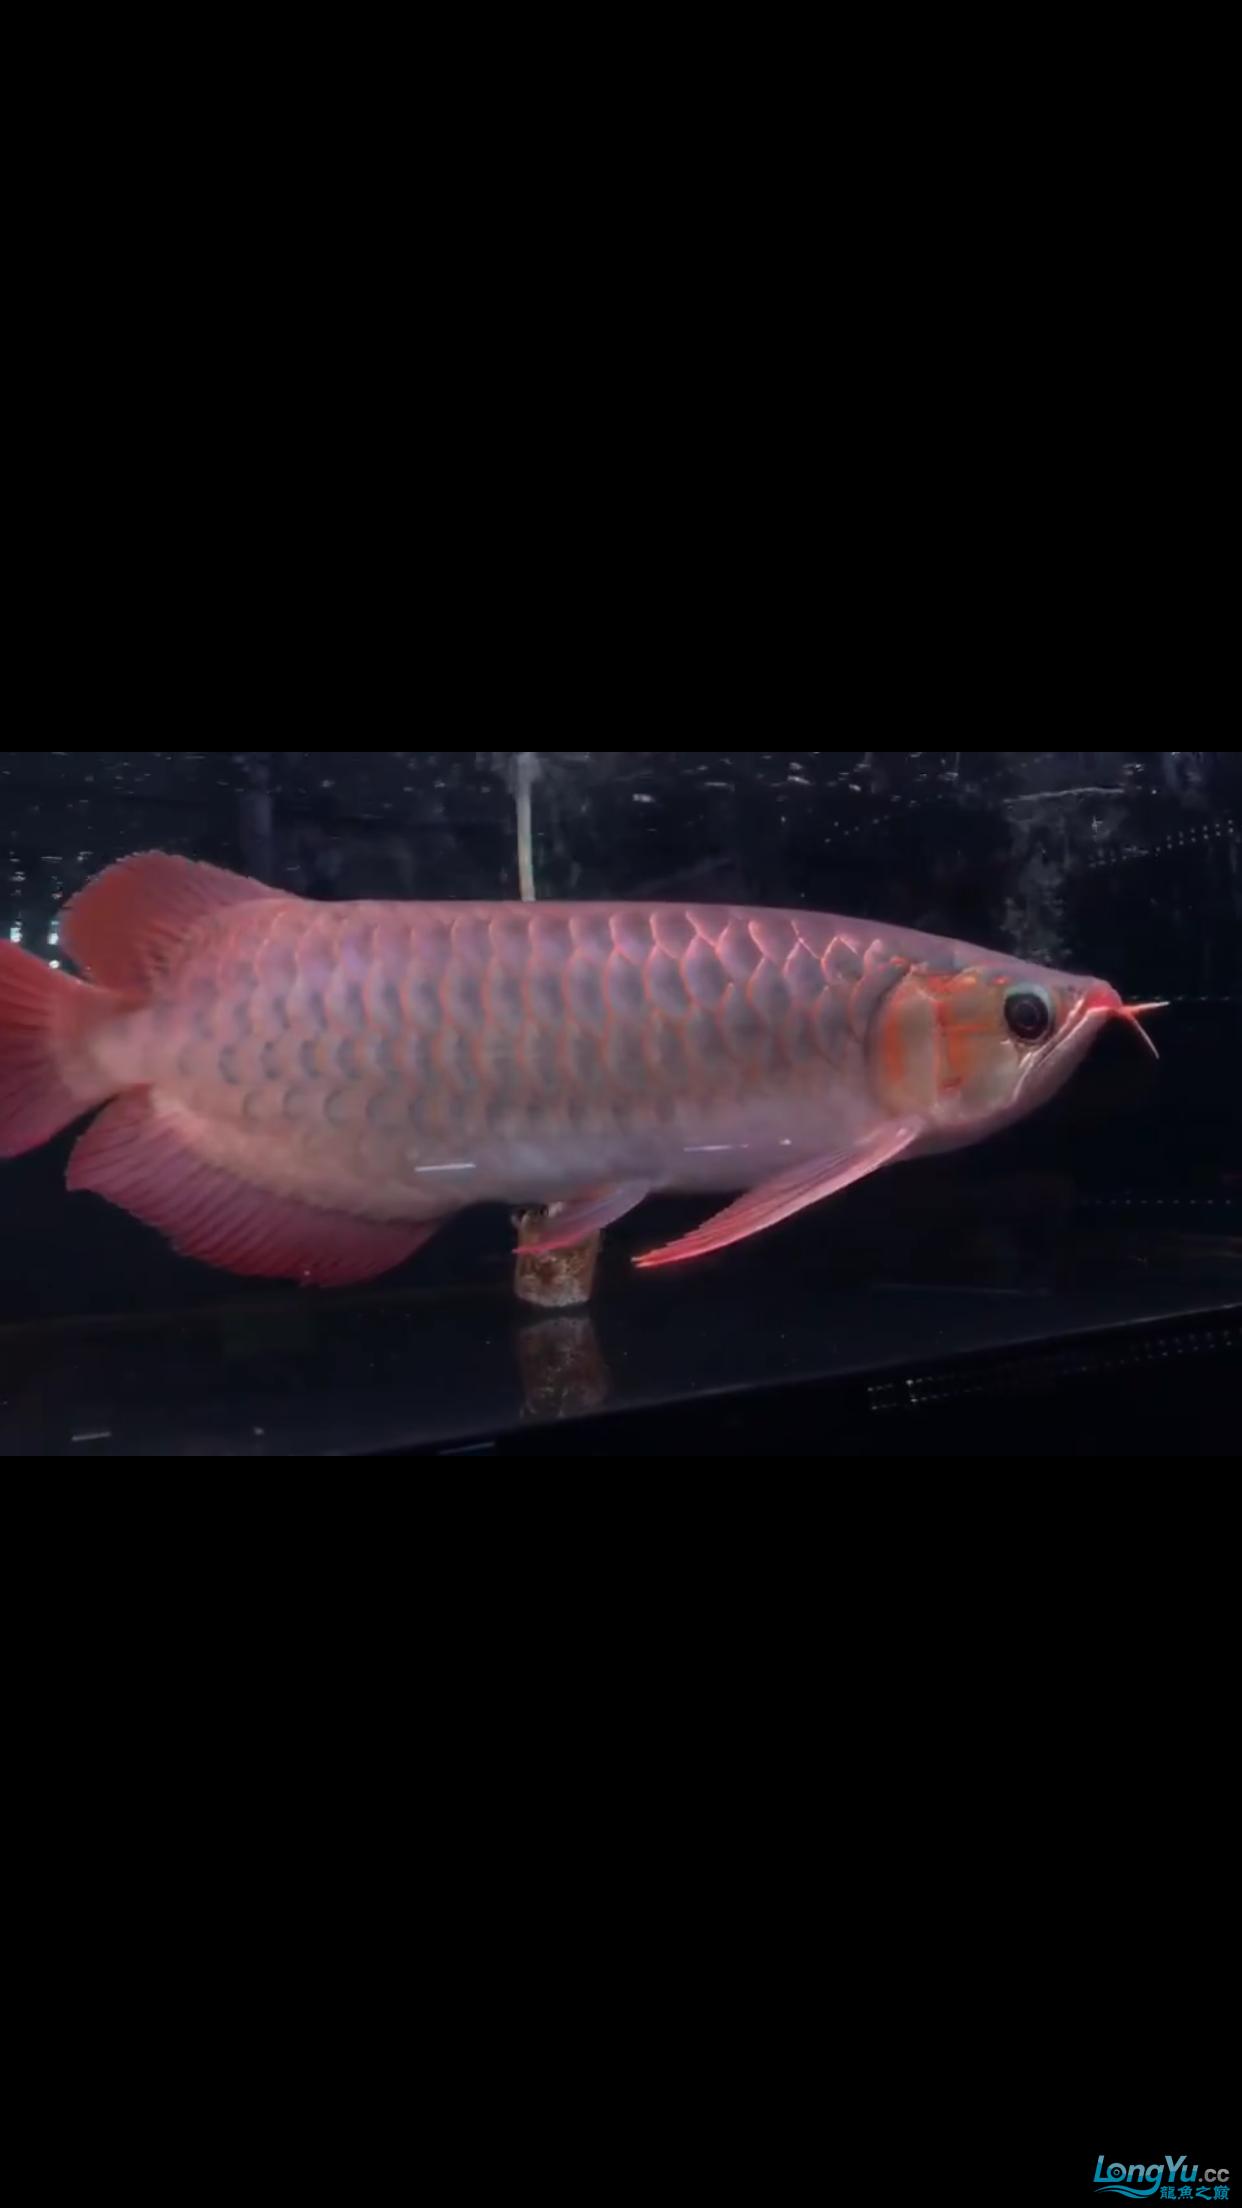 各位大师帮忙看看这条红龙怎么样32公分 西安龙鱼论坛 西安博特第2张